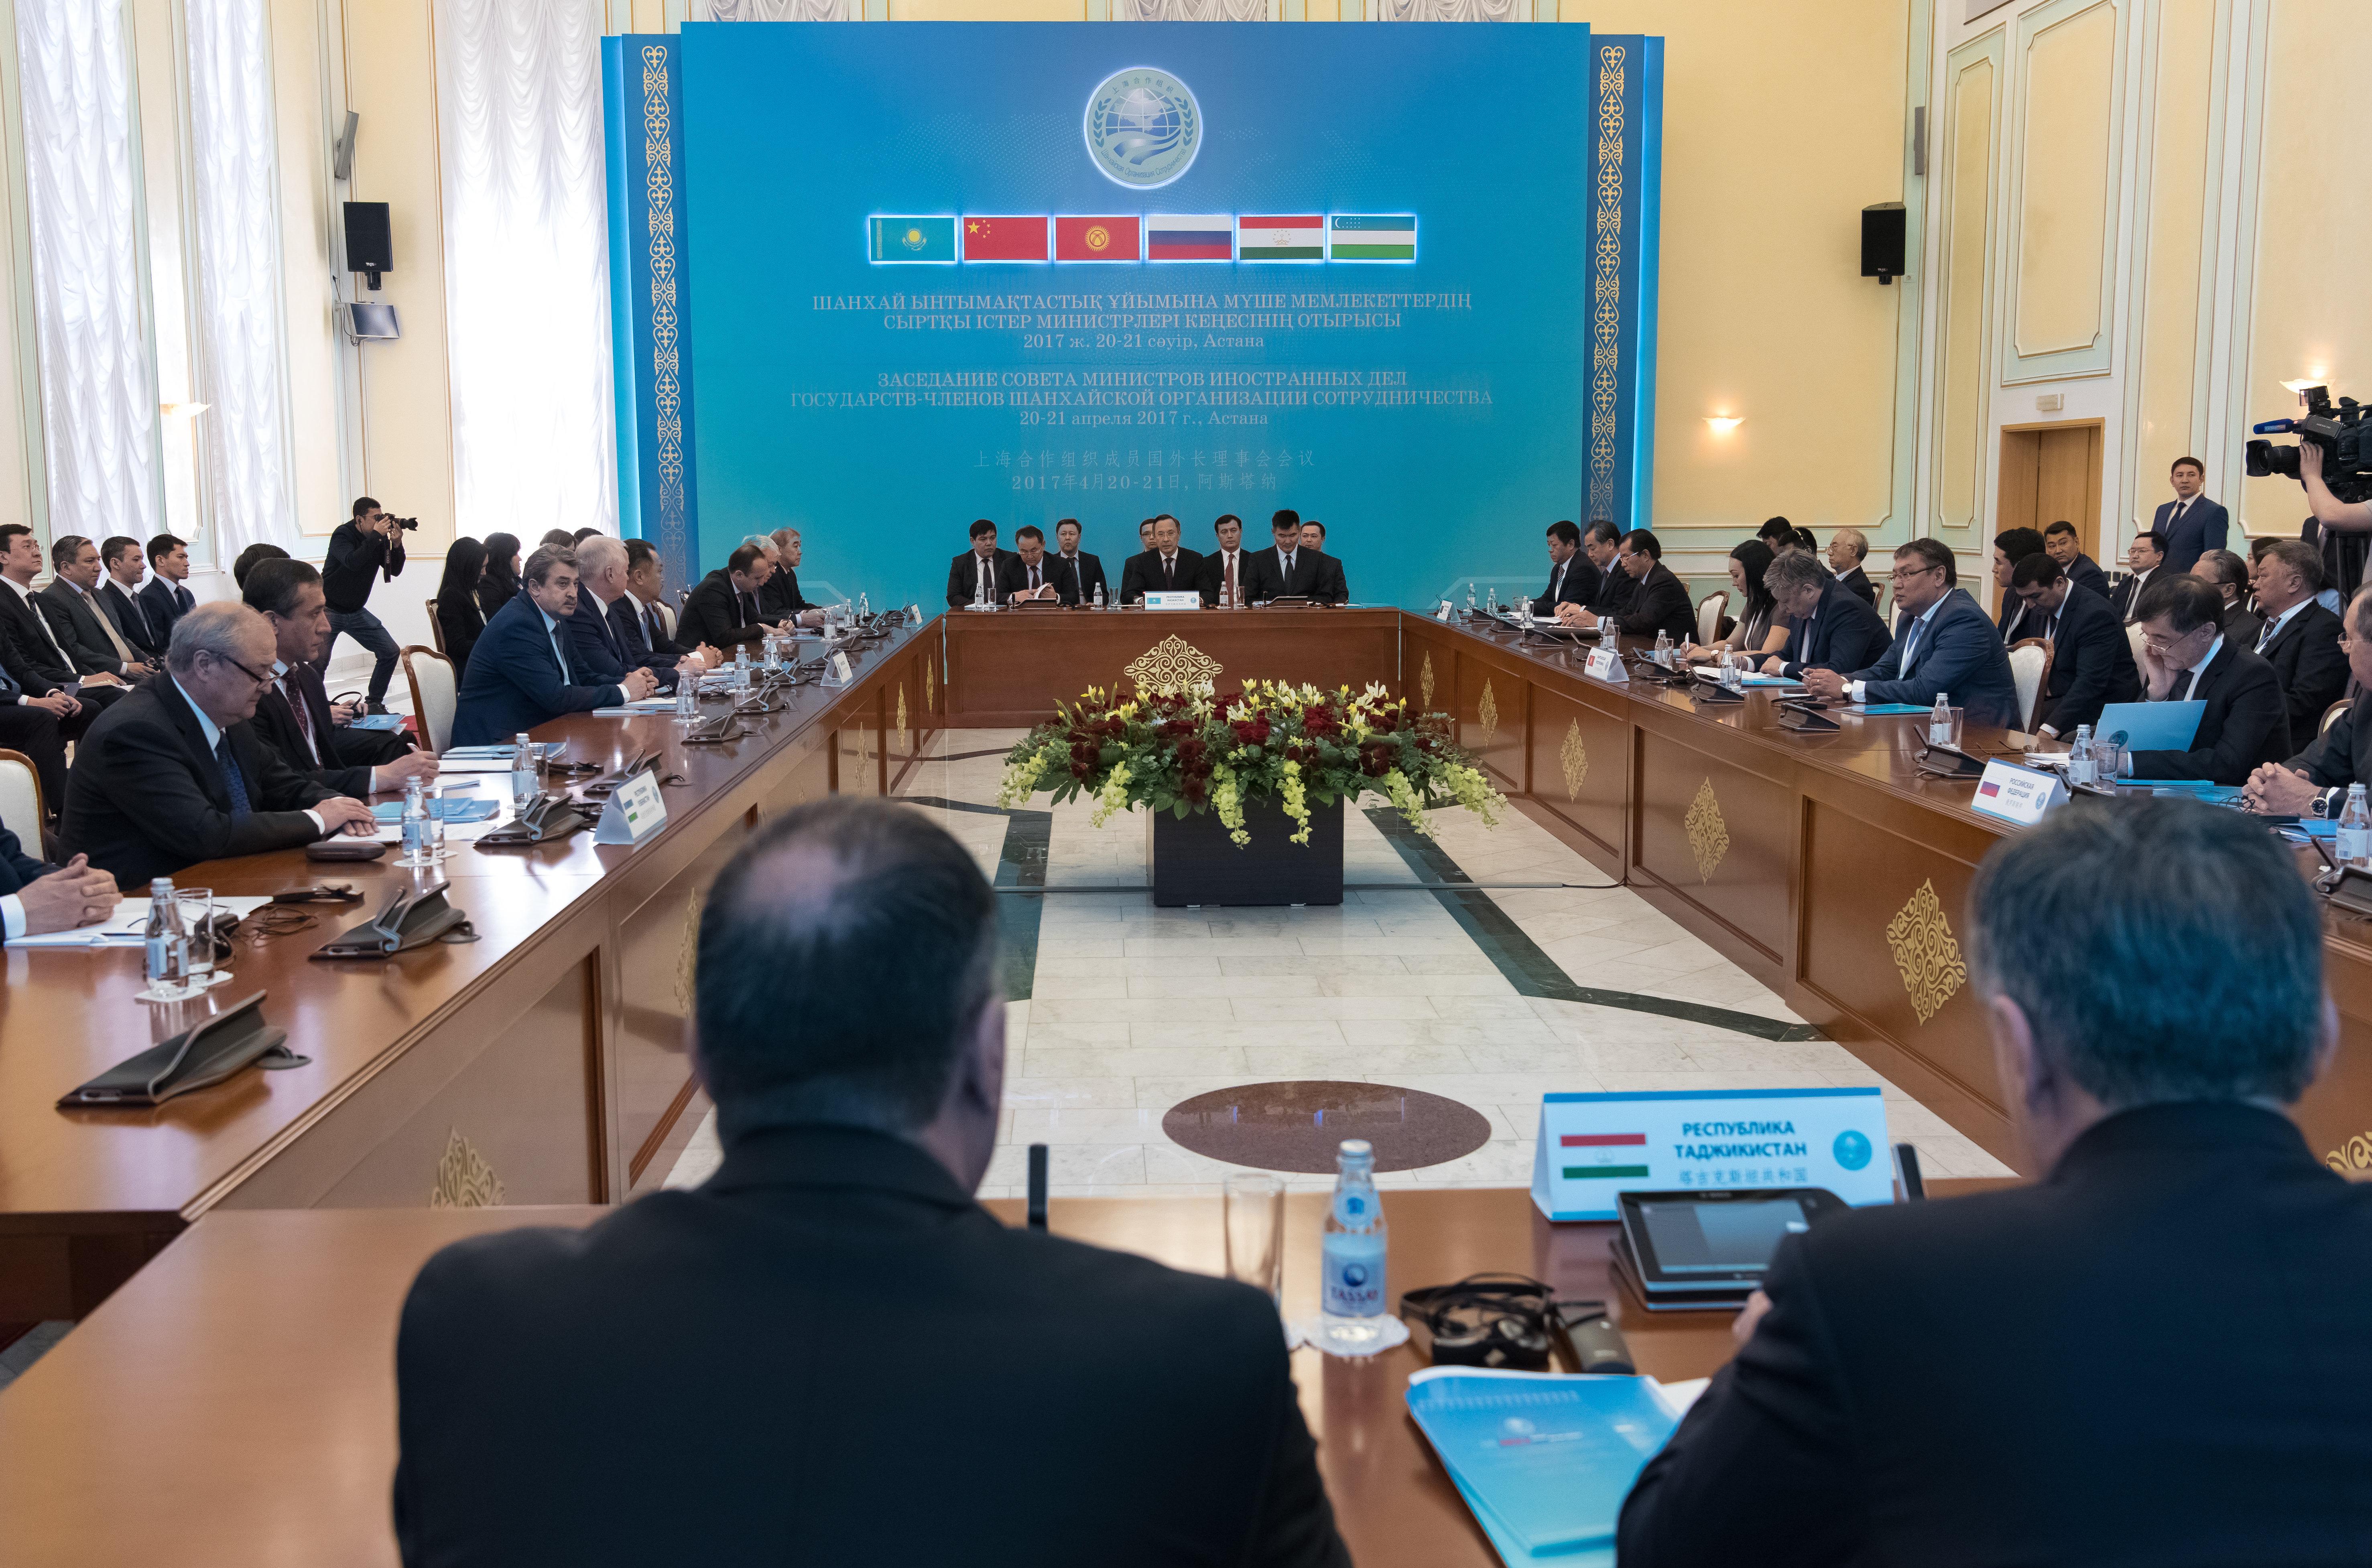 Заседание Совета министров иностранных дел стран ШОС в Астане